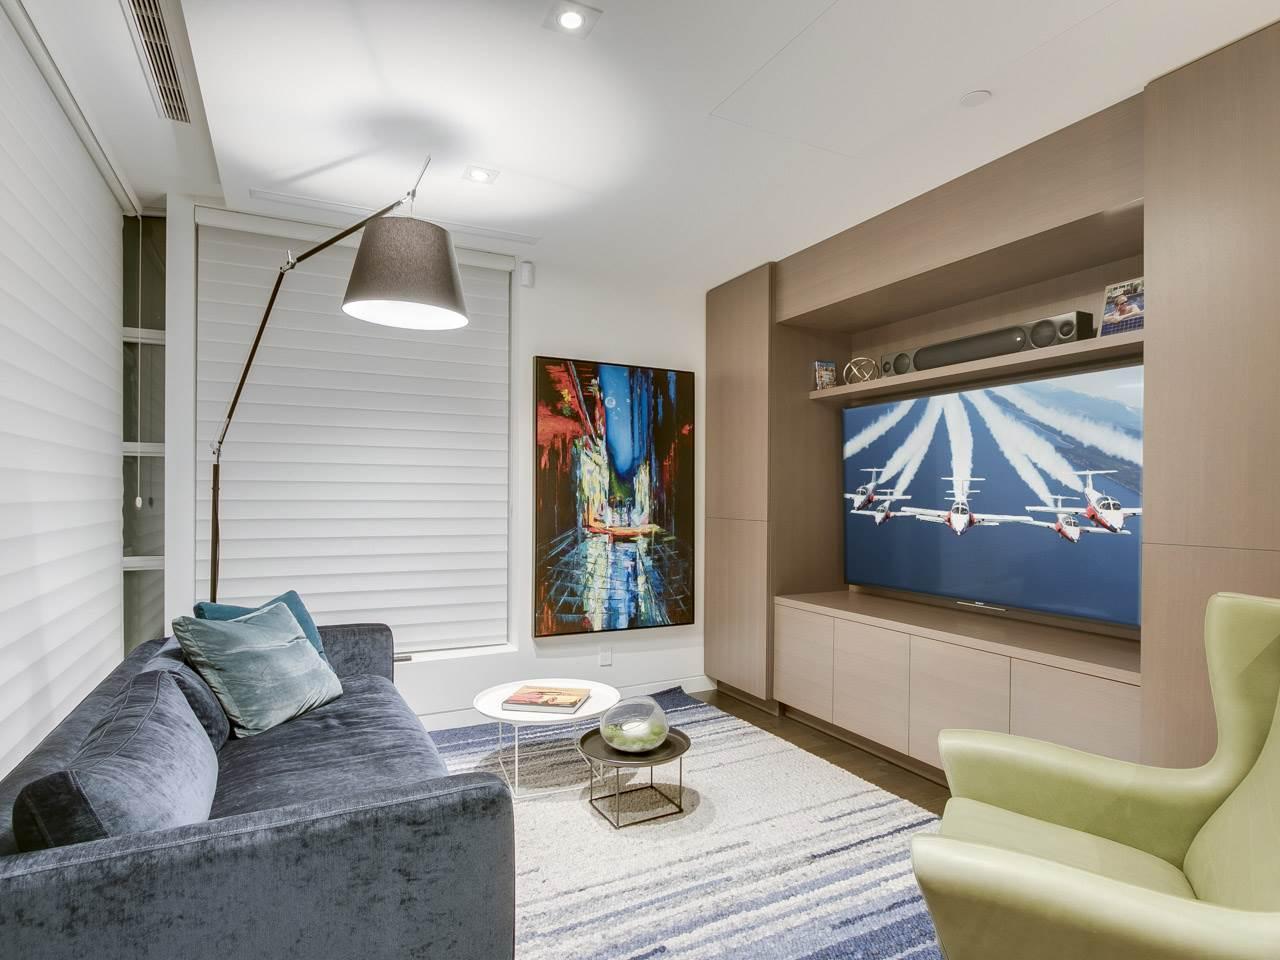 Condo Apartment at PH3 980 COOPERAGE WAY, Unit PH3, Vancouver West, British Columbia. Image 16